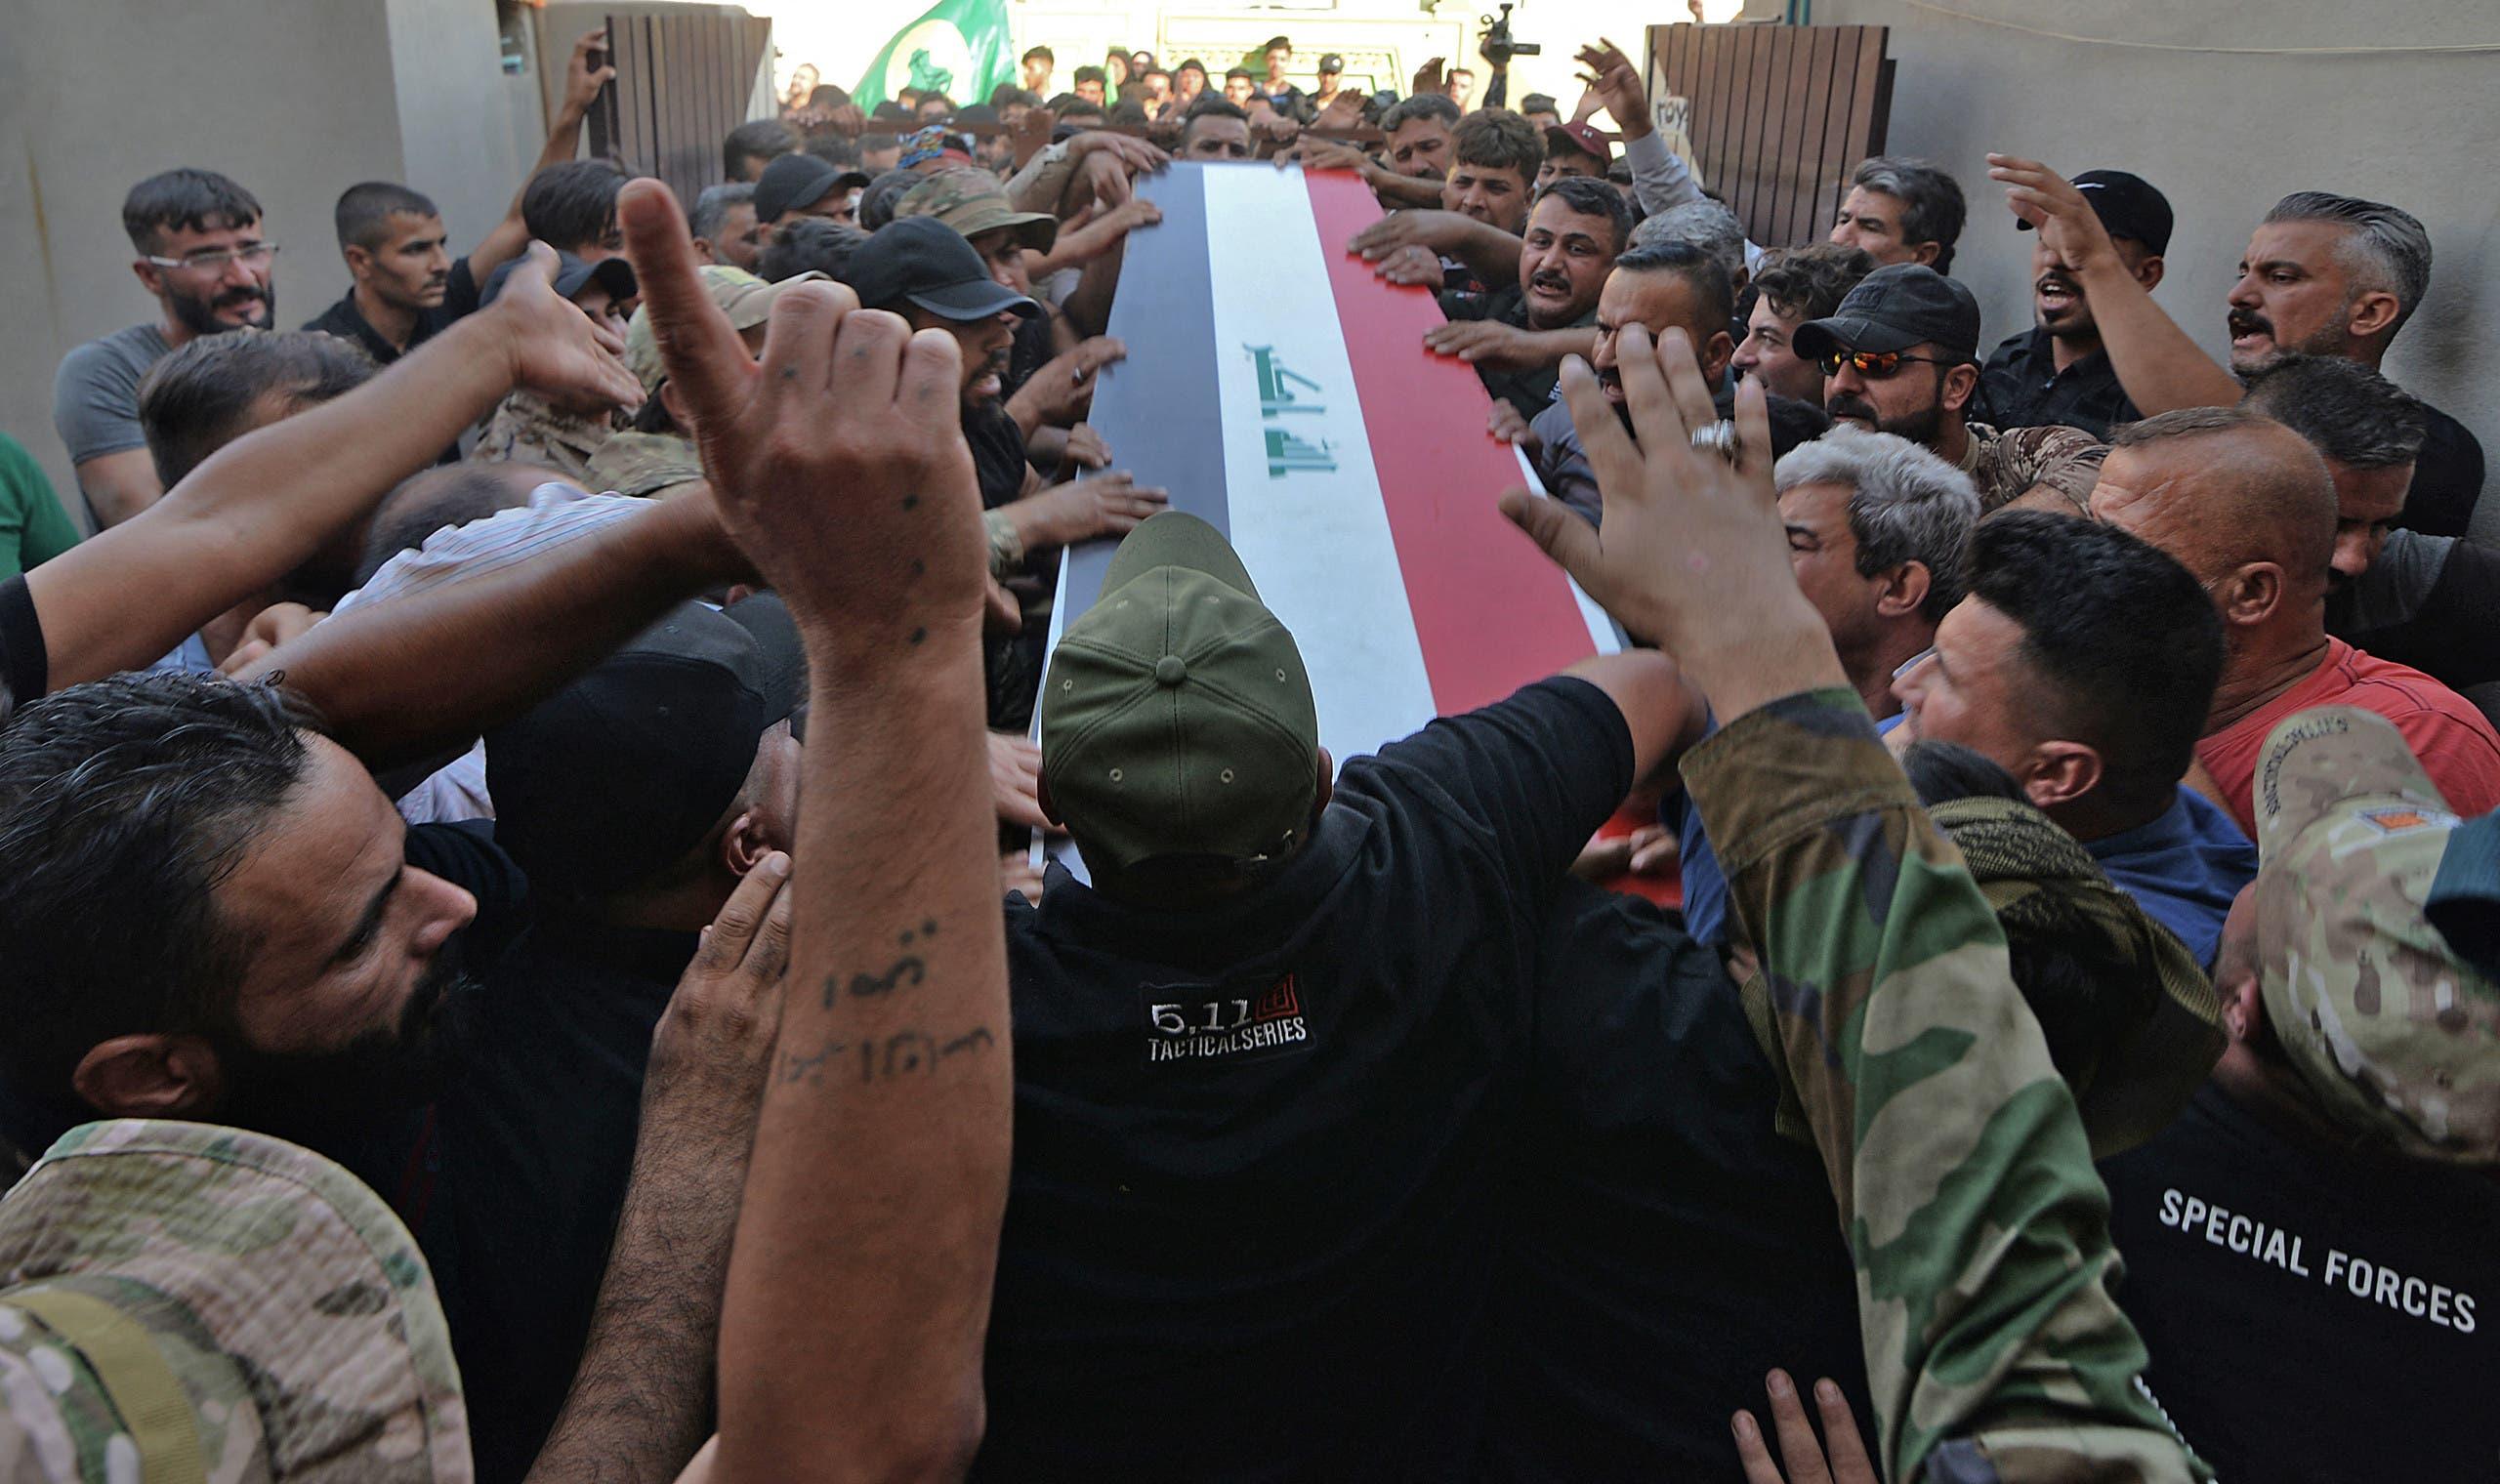 من تشييع أحد عناصر الحشد الشعبي الذي قضى في الغارات الأميركية الأخيرة في محافظة نينوى